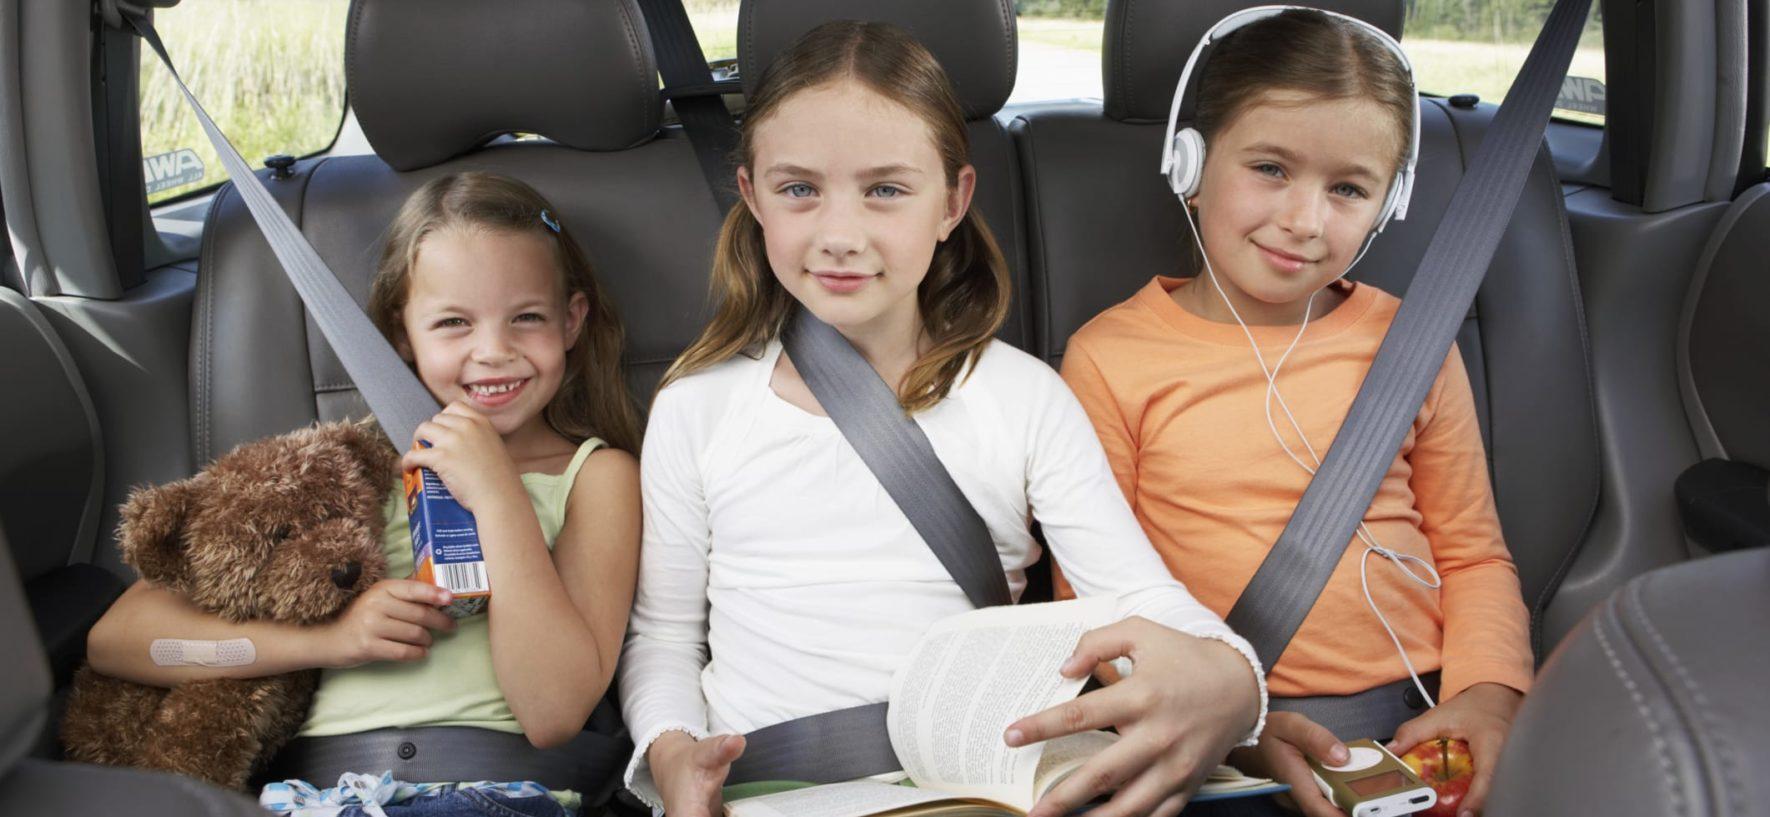 Bimbi in viaggio: i trucchi per tenerli occupati